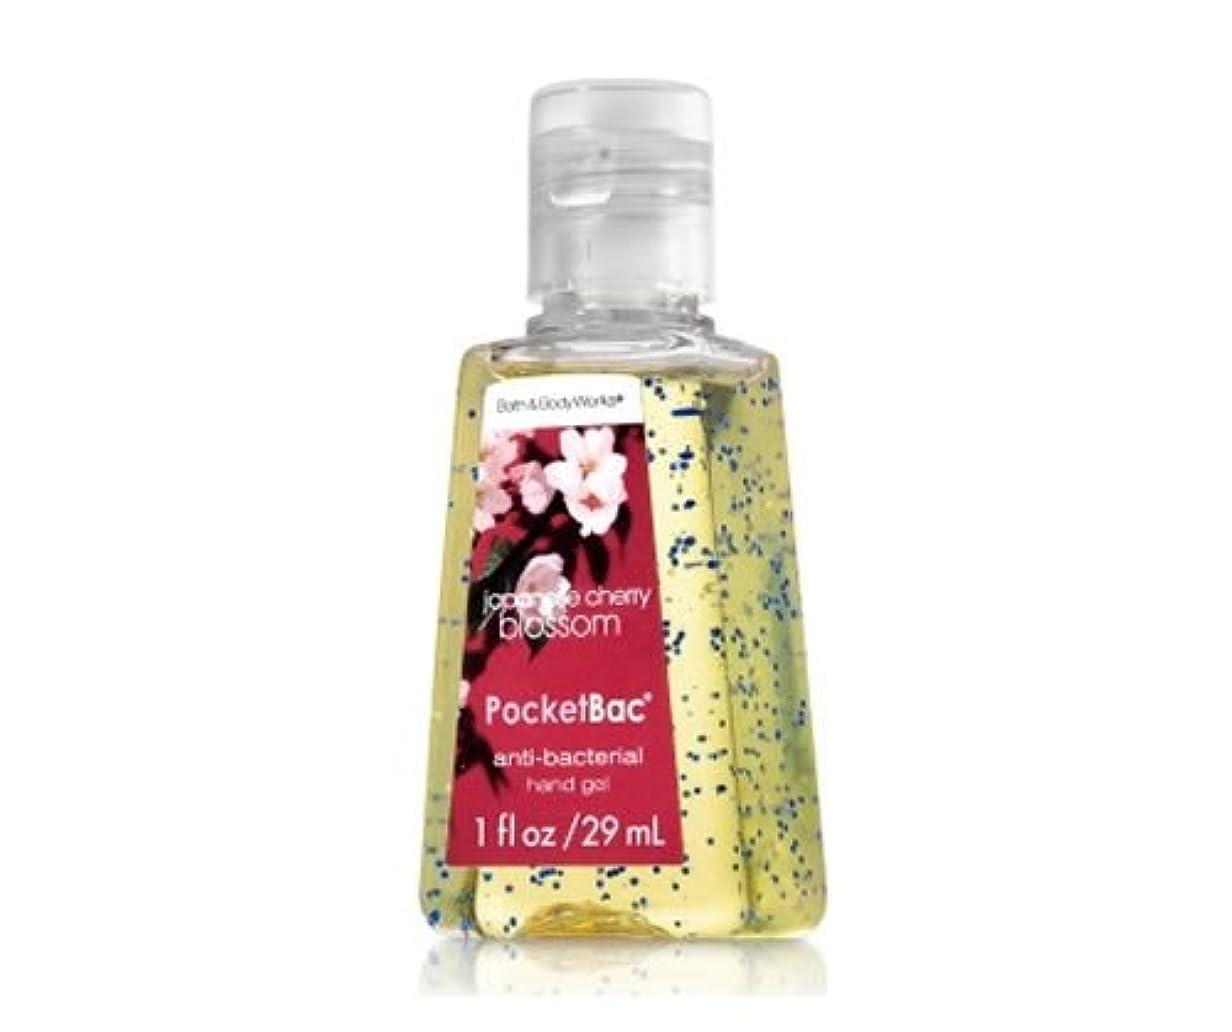 補うジレンマしょっぱいバス&ボディワークス ハンドジェル 29ml ジャパニーズチェリーブロッサム Bath&Body Works Anti-Bacterial PocketBac Sanitizing Hand Gel Japanese Cherry Blossom [並行輸入品]